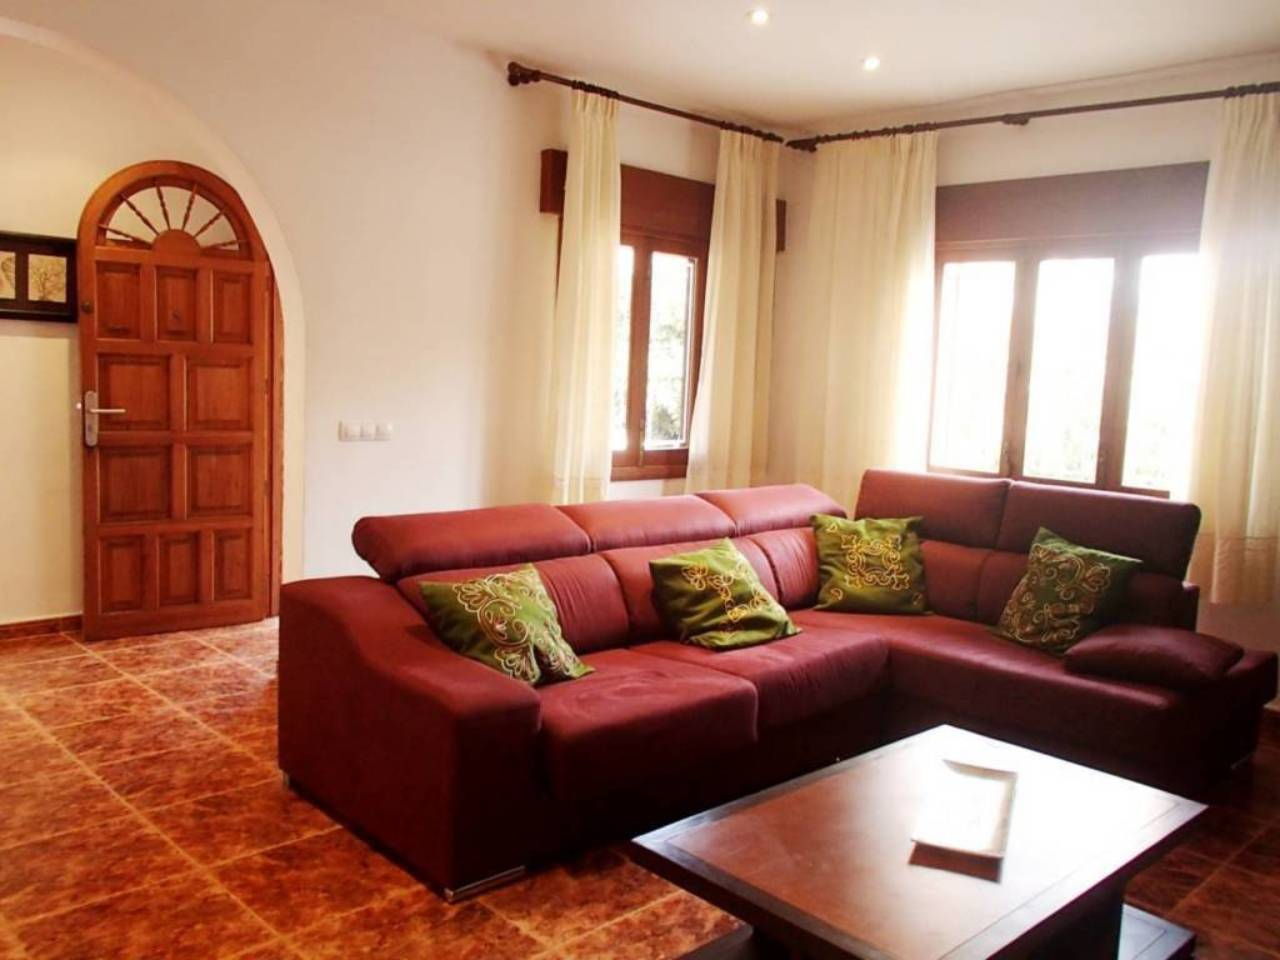 Casa  Ca´n picafort. Localizada en una zona residencial muy tranquila a tan solo unos